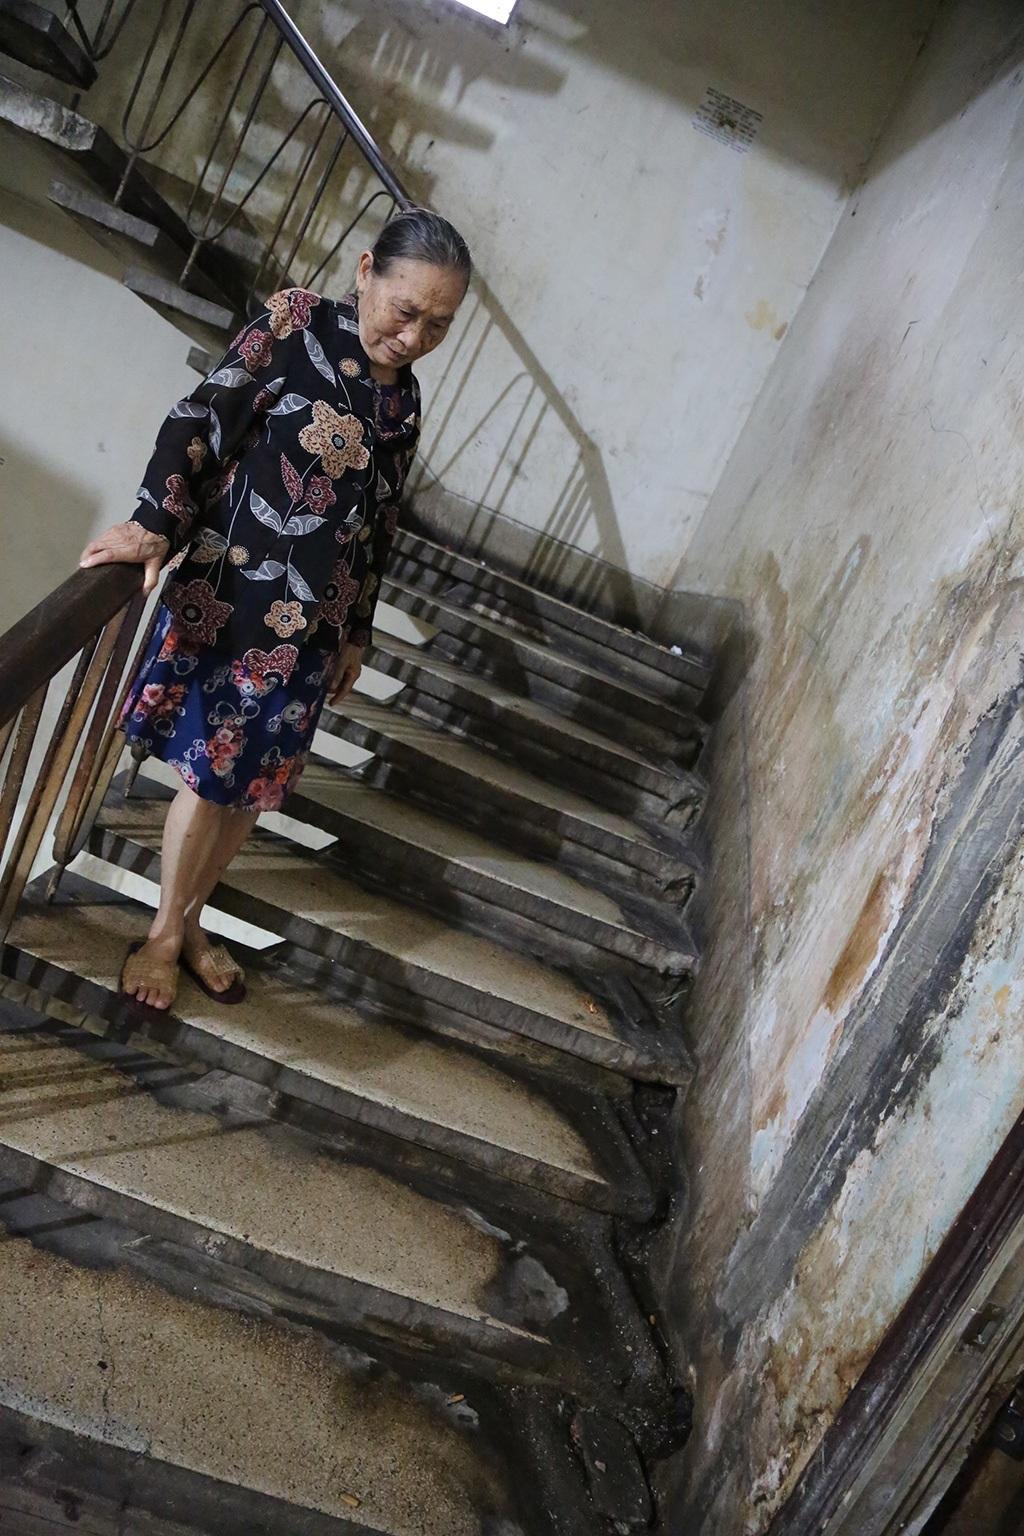 Bà Dục, cư dân sống tại chung cư số 9 đường công trường Lam Sơn chỉ nơi cầu thang bị rò nước khi trời mưa và ống nước âm tường rò rỉ bốc mùi hôi thối